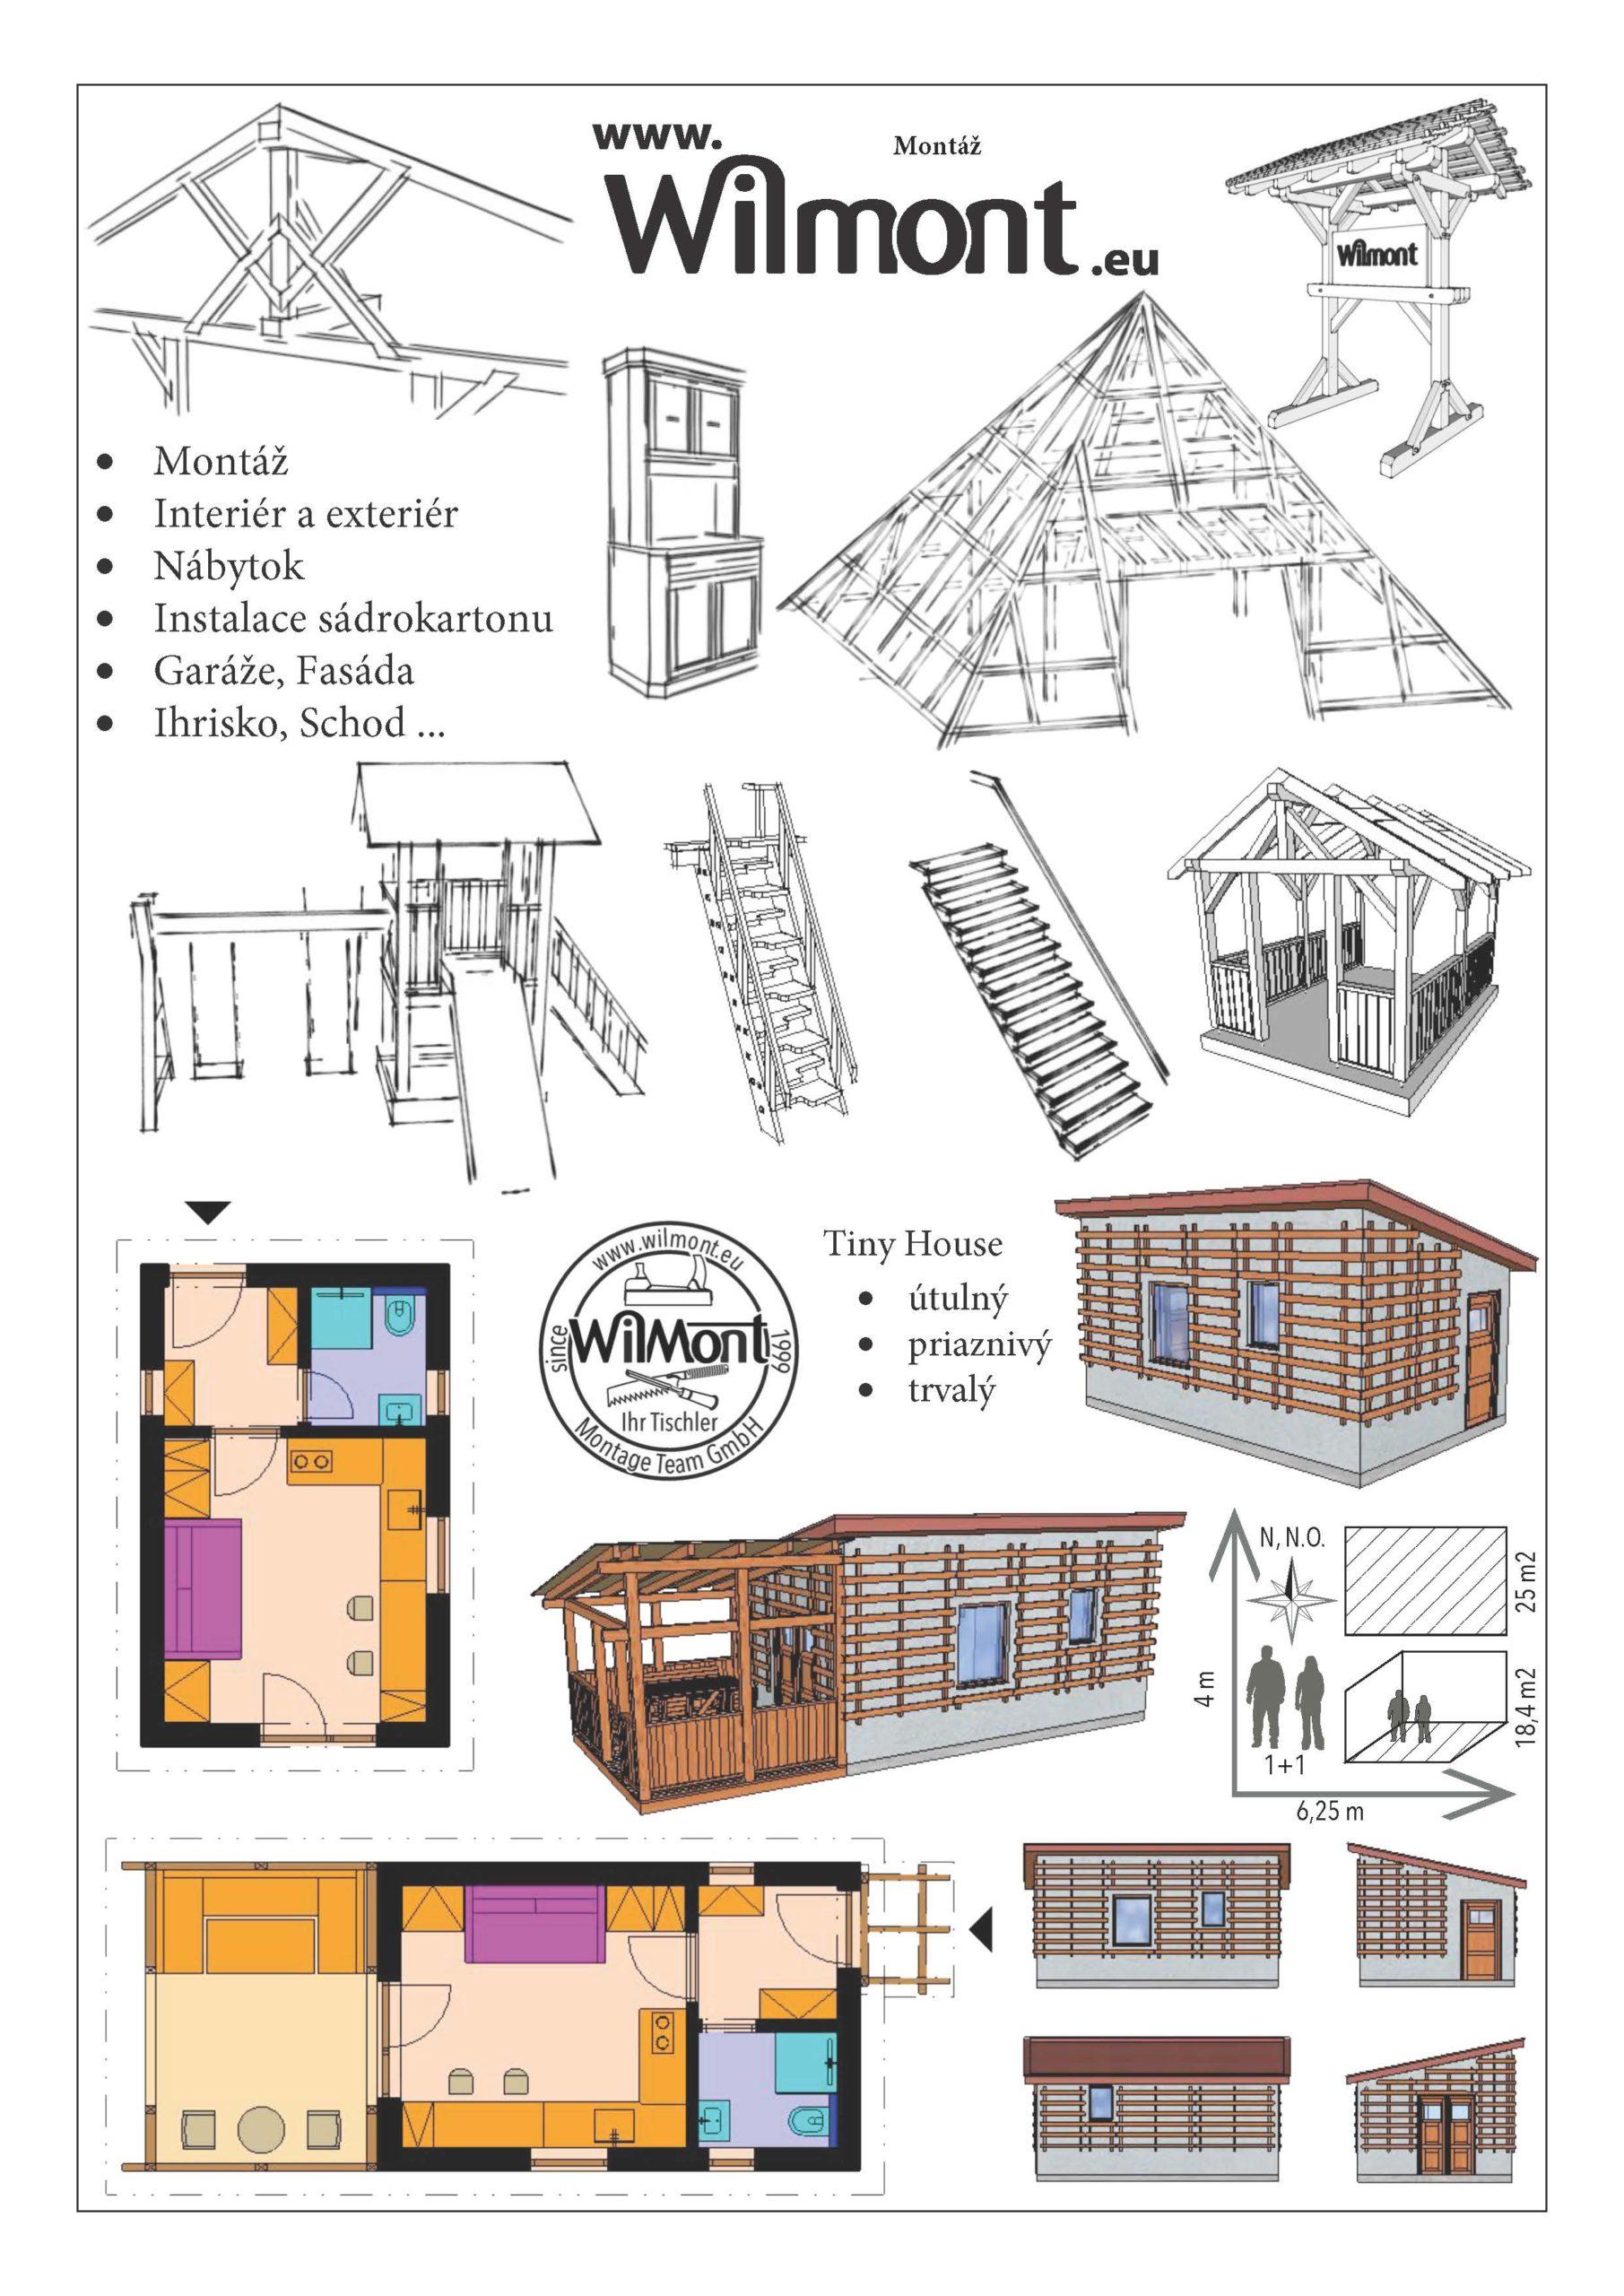 Dienstleistungen der Wilmont GmbH auf Foto abgebildet: Montage, Trockenausbau, Holzbau, Möbel etc.